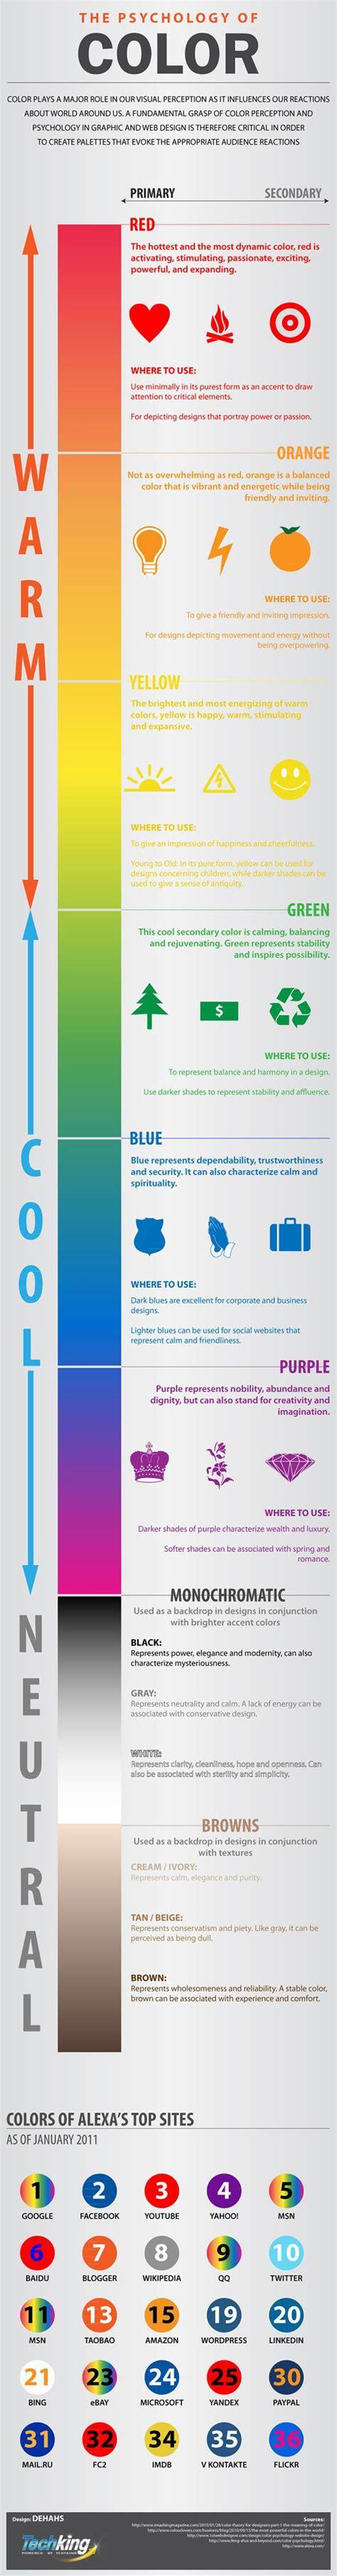 psychology color paint 17 best images about colors on pinterest paint colors flora and hue